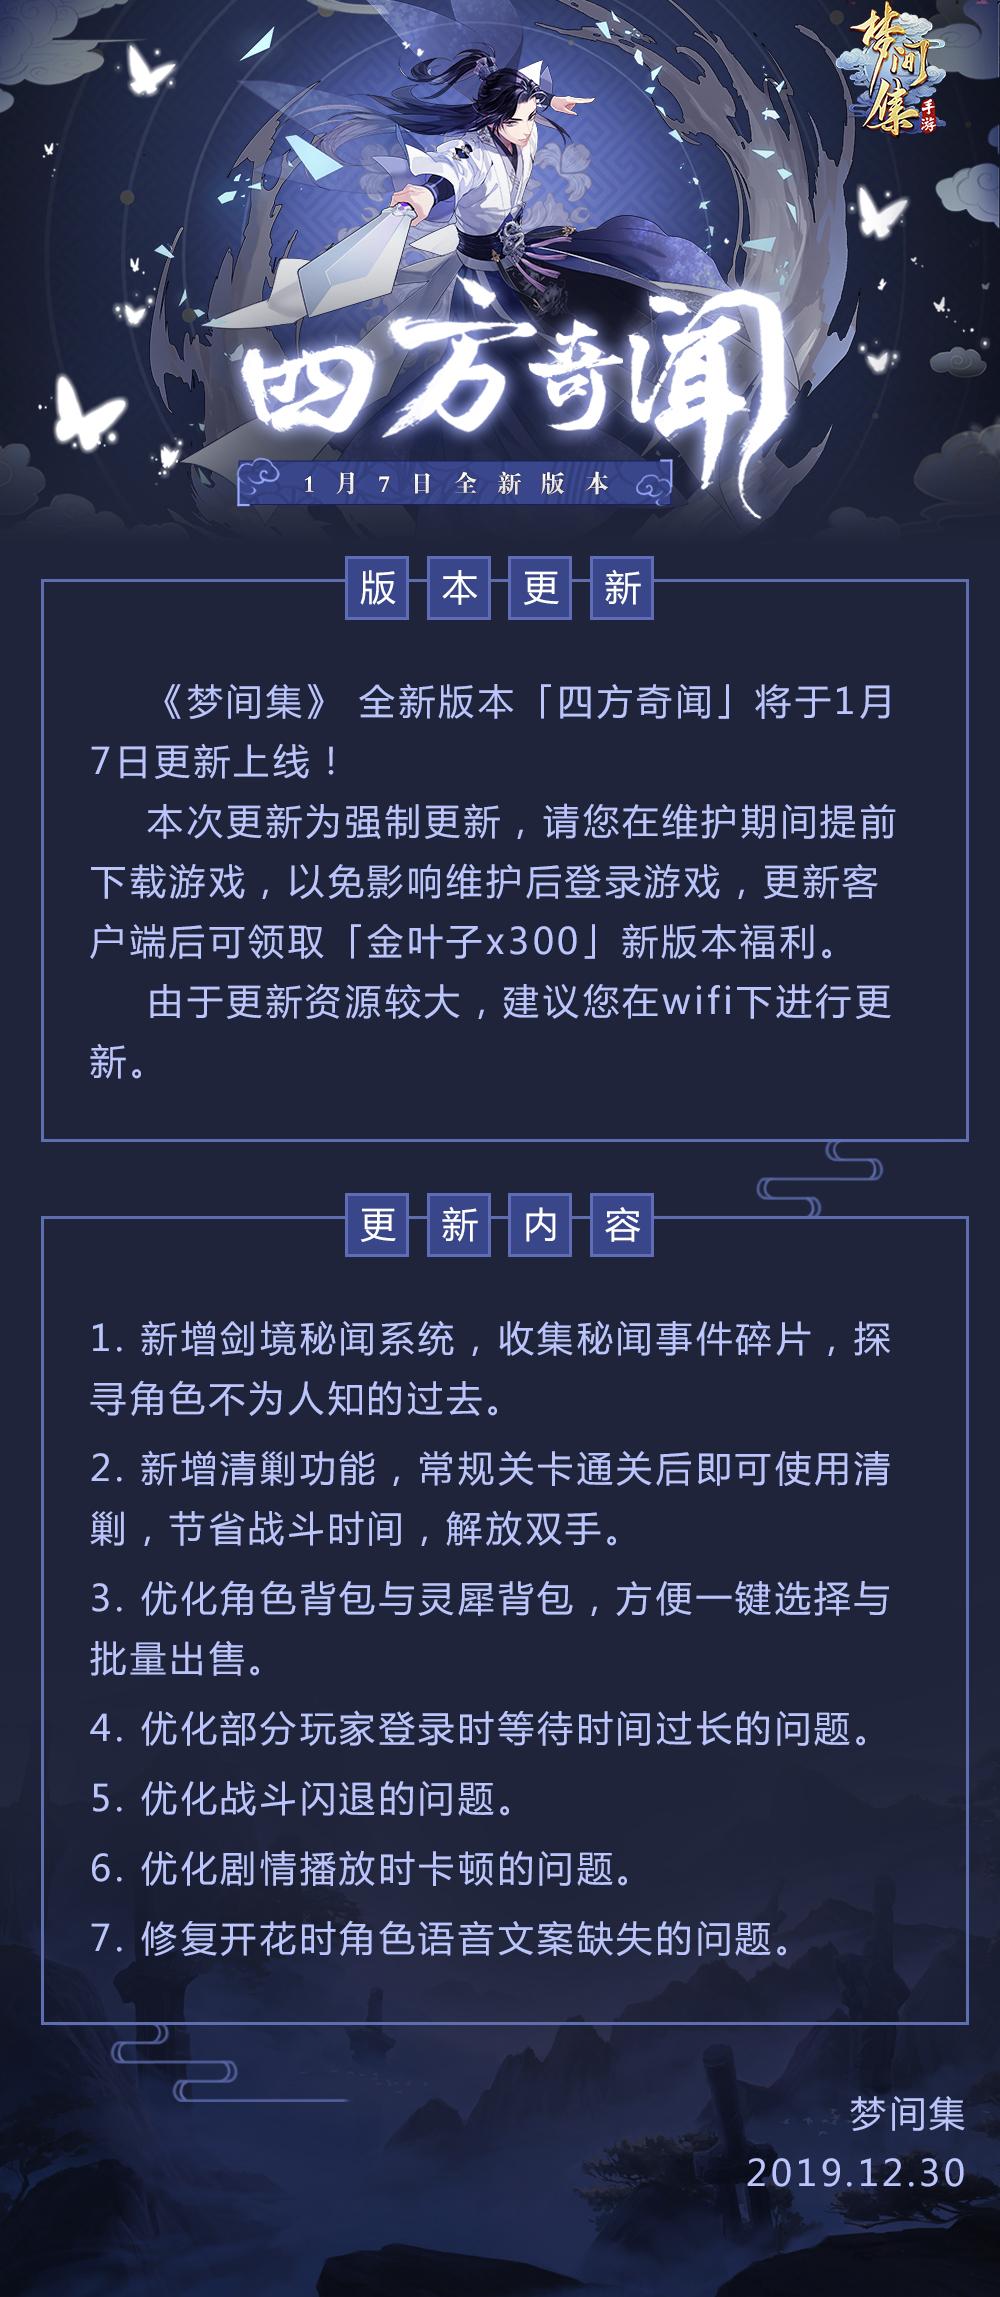 预告丨全新版本「四方奇闻」-1230版更预告.jpg